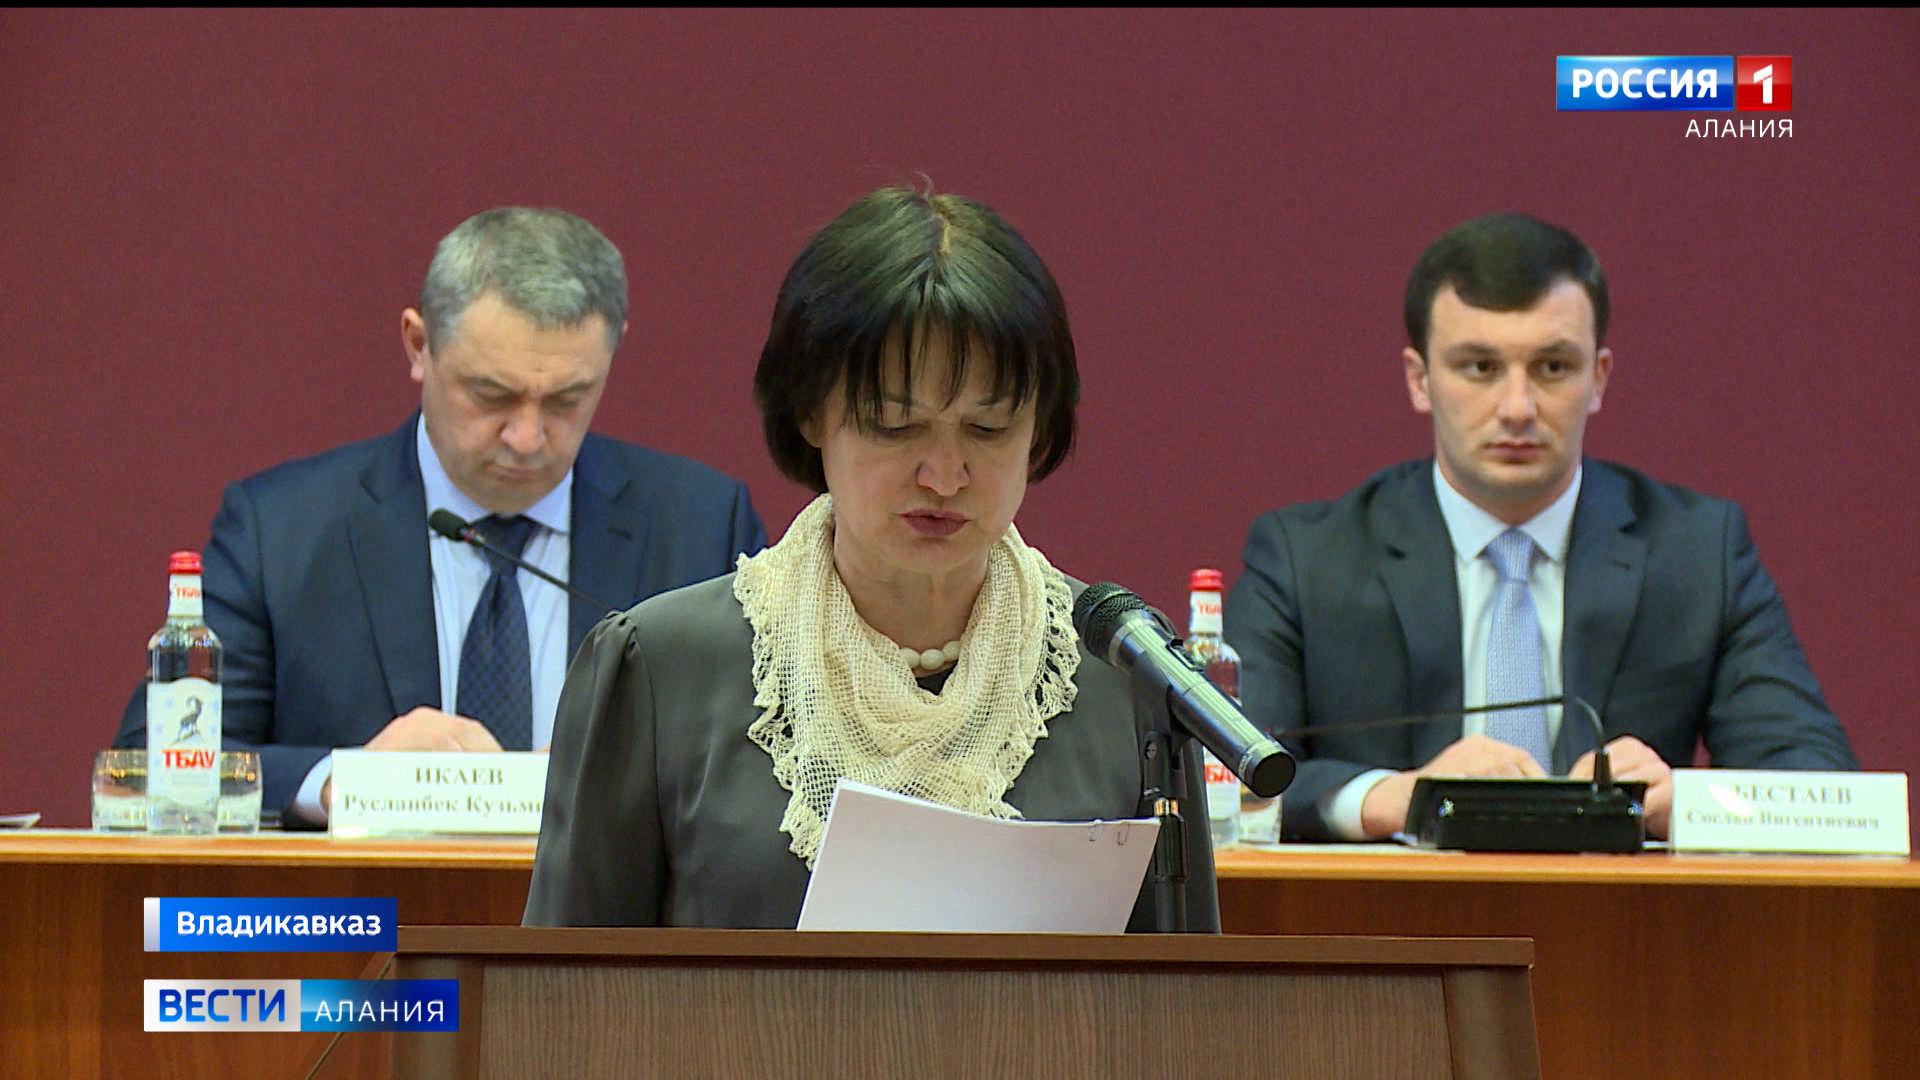 Передачу объектов госимущества в муниципальную собственность обсудили на сессии Собрания представителей Владикавказа